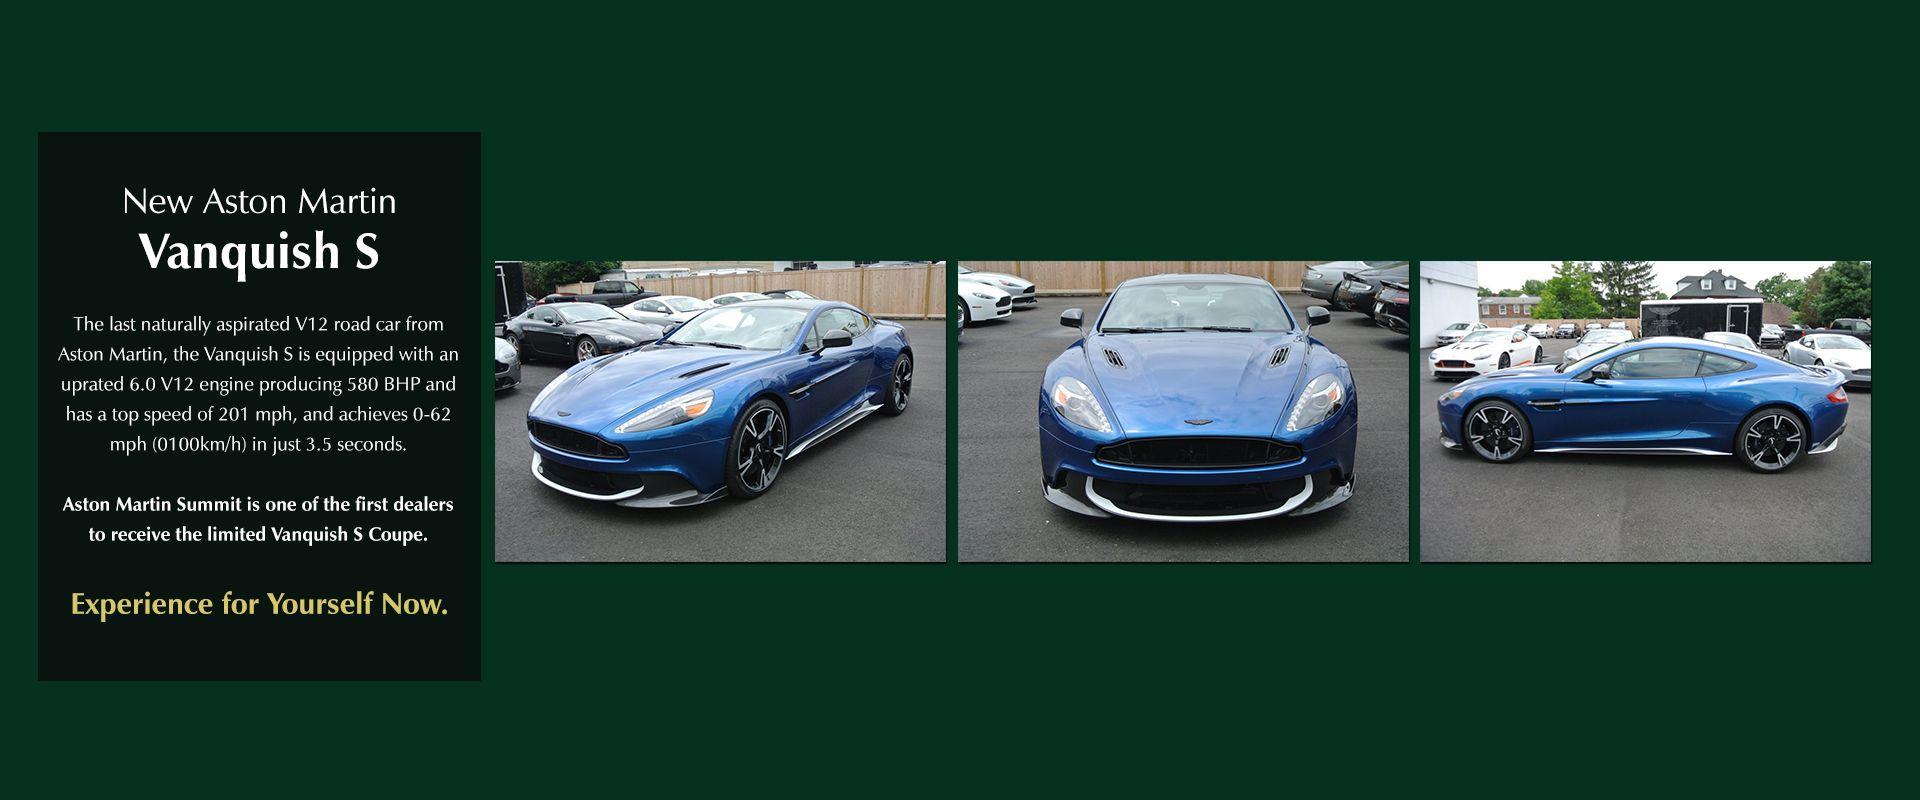 New Aston Martin Vanquish S